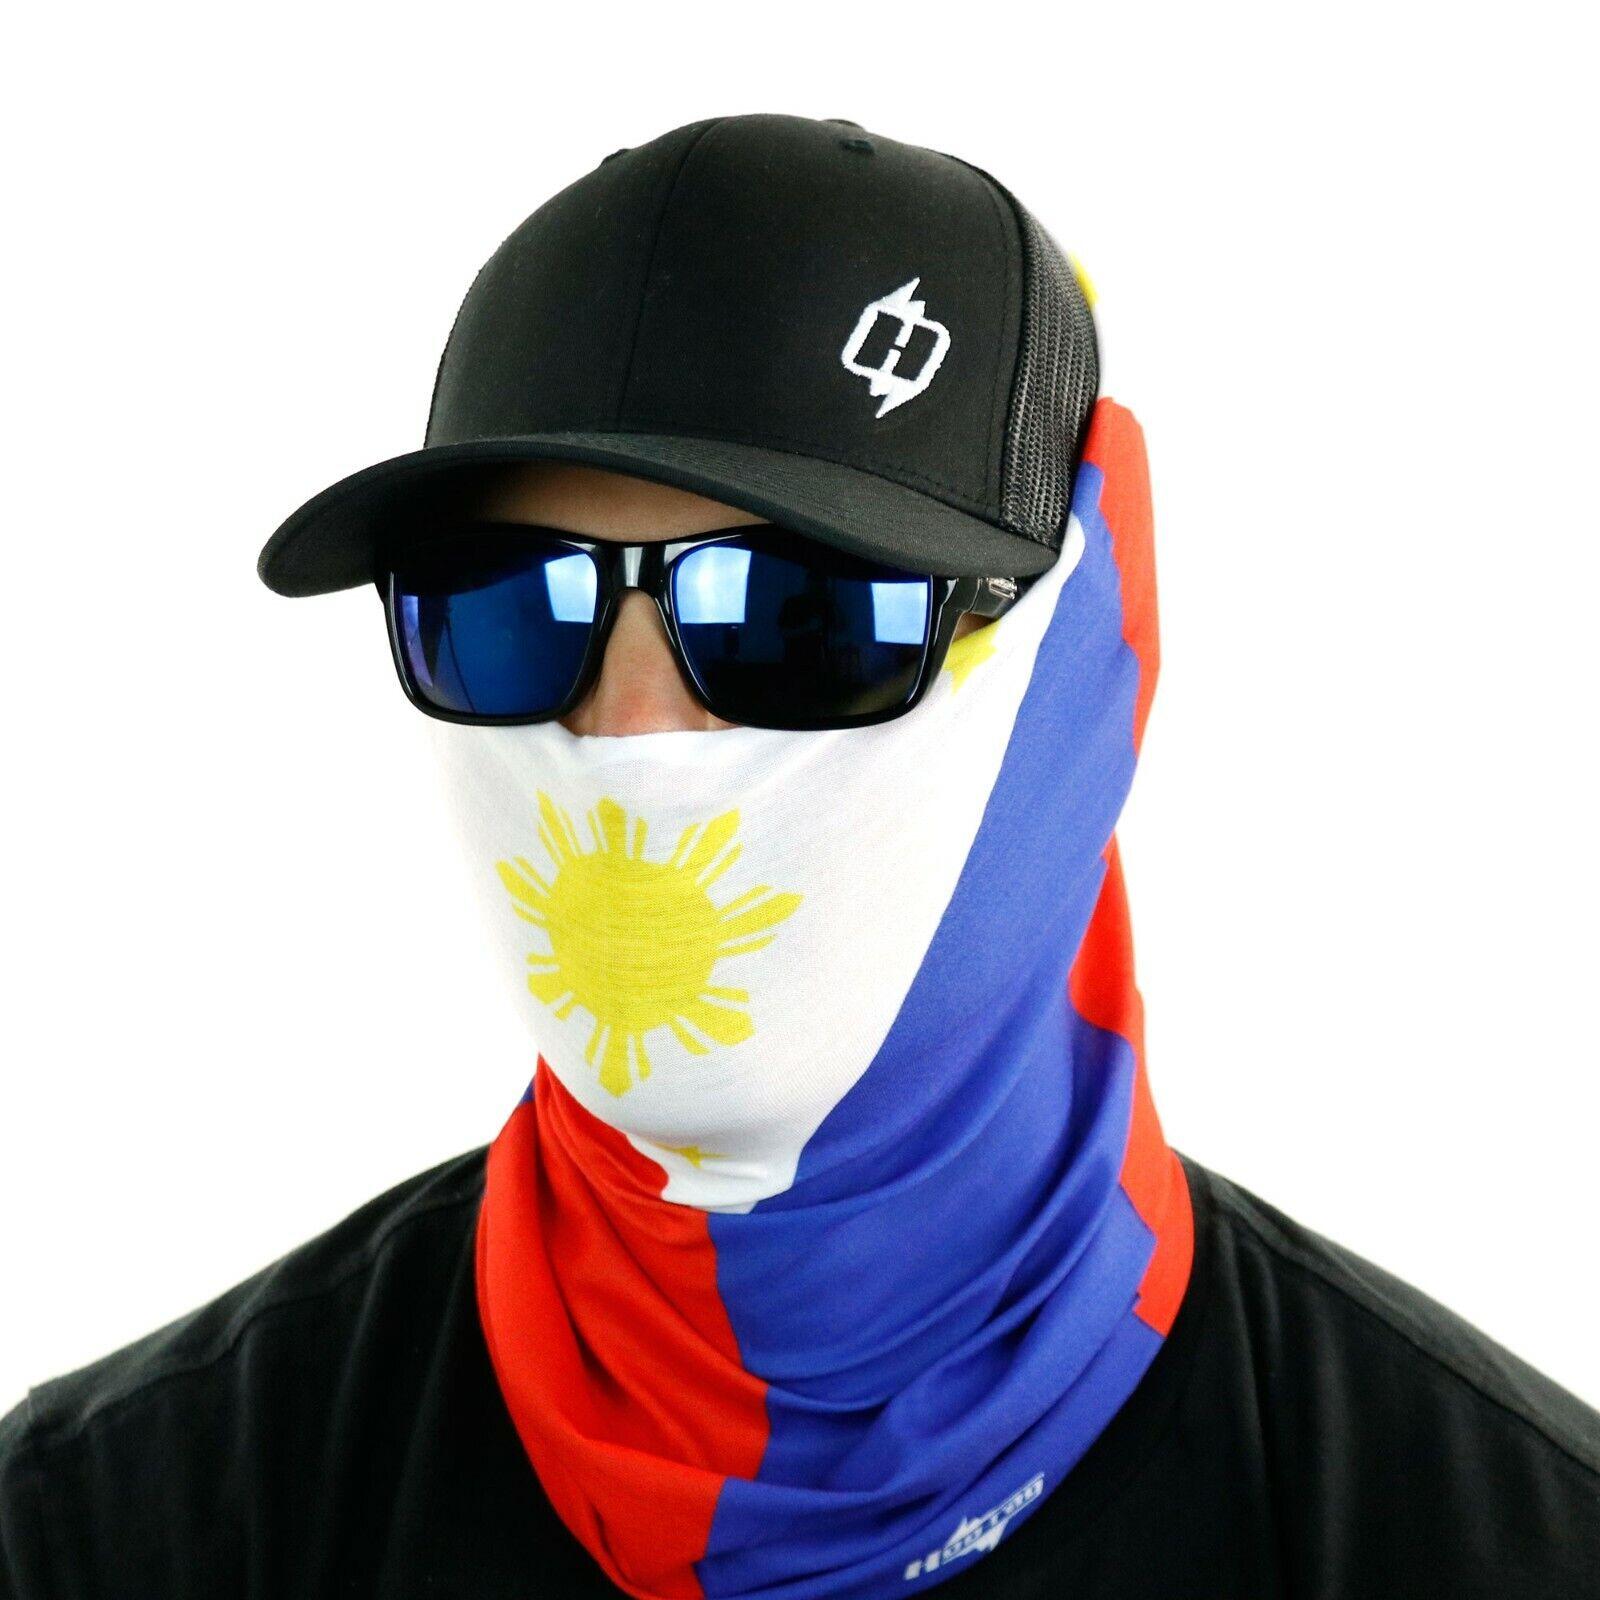 Philippines Flag Skull Unisex Fleece Neck Warmer Gaiter Microfiber Face Mask,Neck Gaiter,Magic Scarf for Dust Outdoors